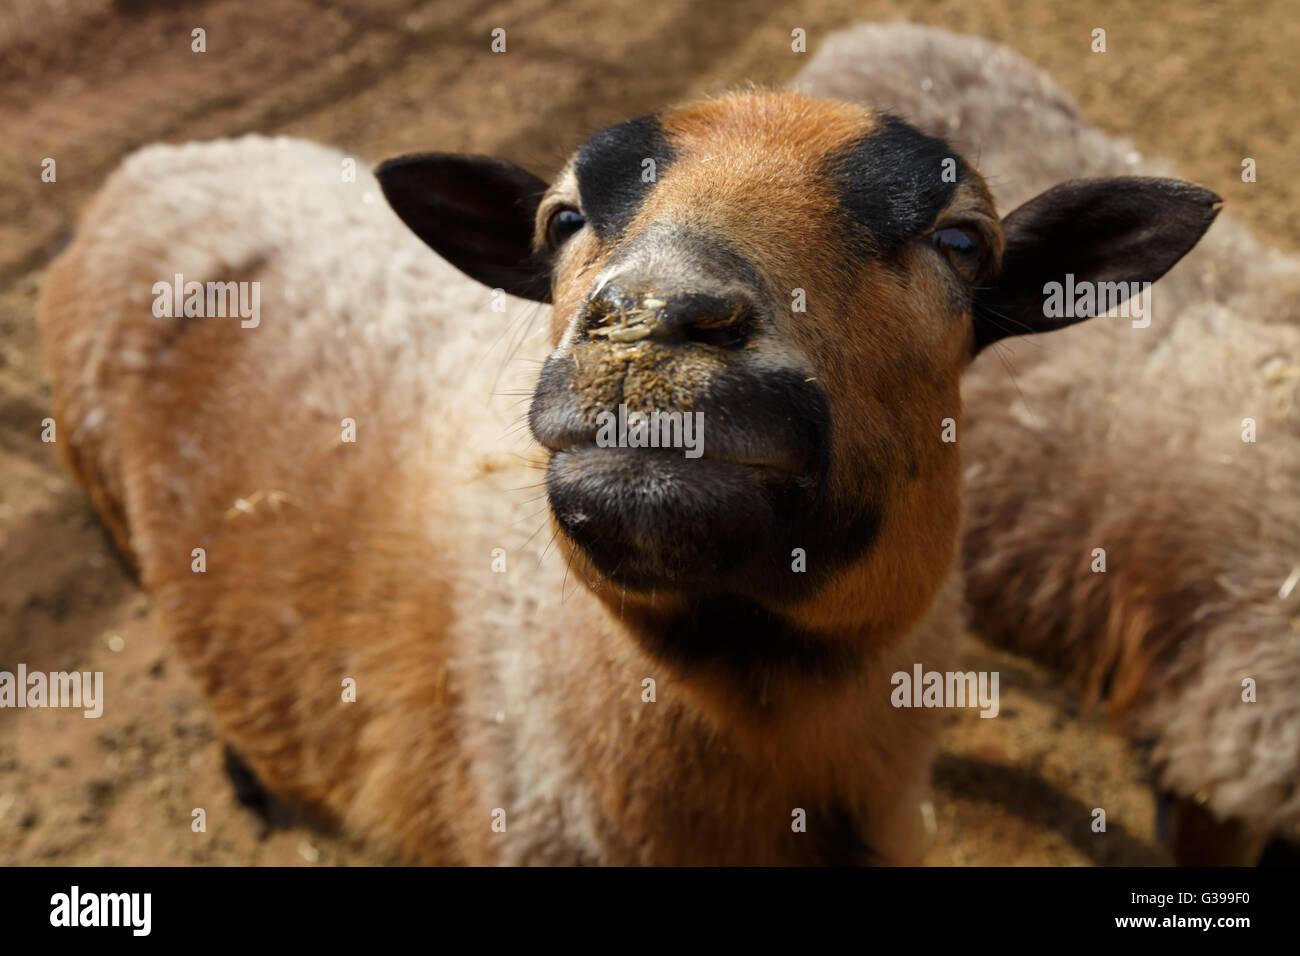 Vicino la vista dettagliata di pecore vive in uno zoo. Immagini Stock